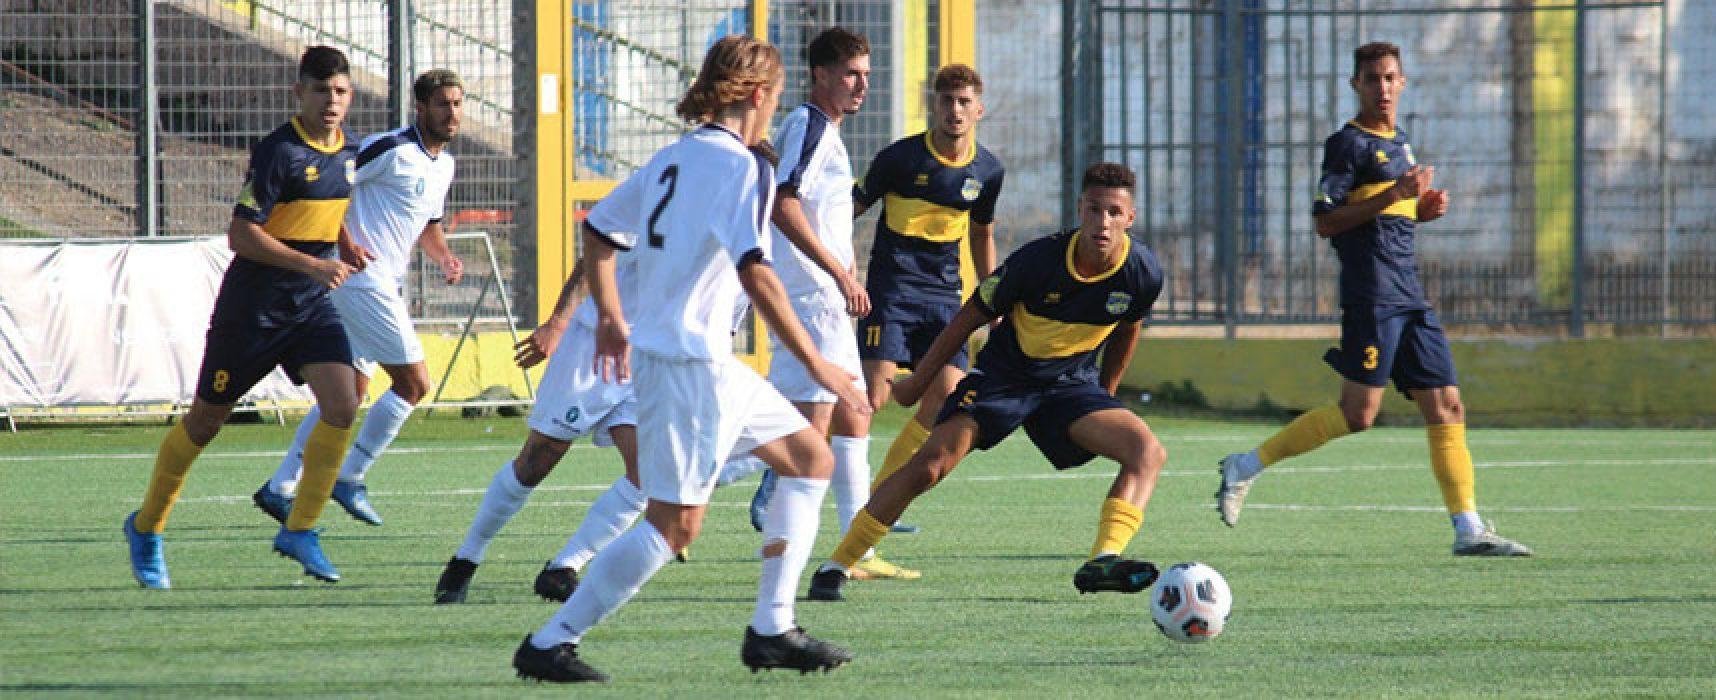 Sconfitta di misura per il Bisceglie Calcio sul campo del Gravina / CLASSIFICA